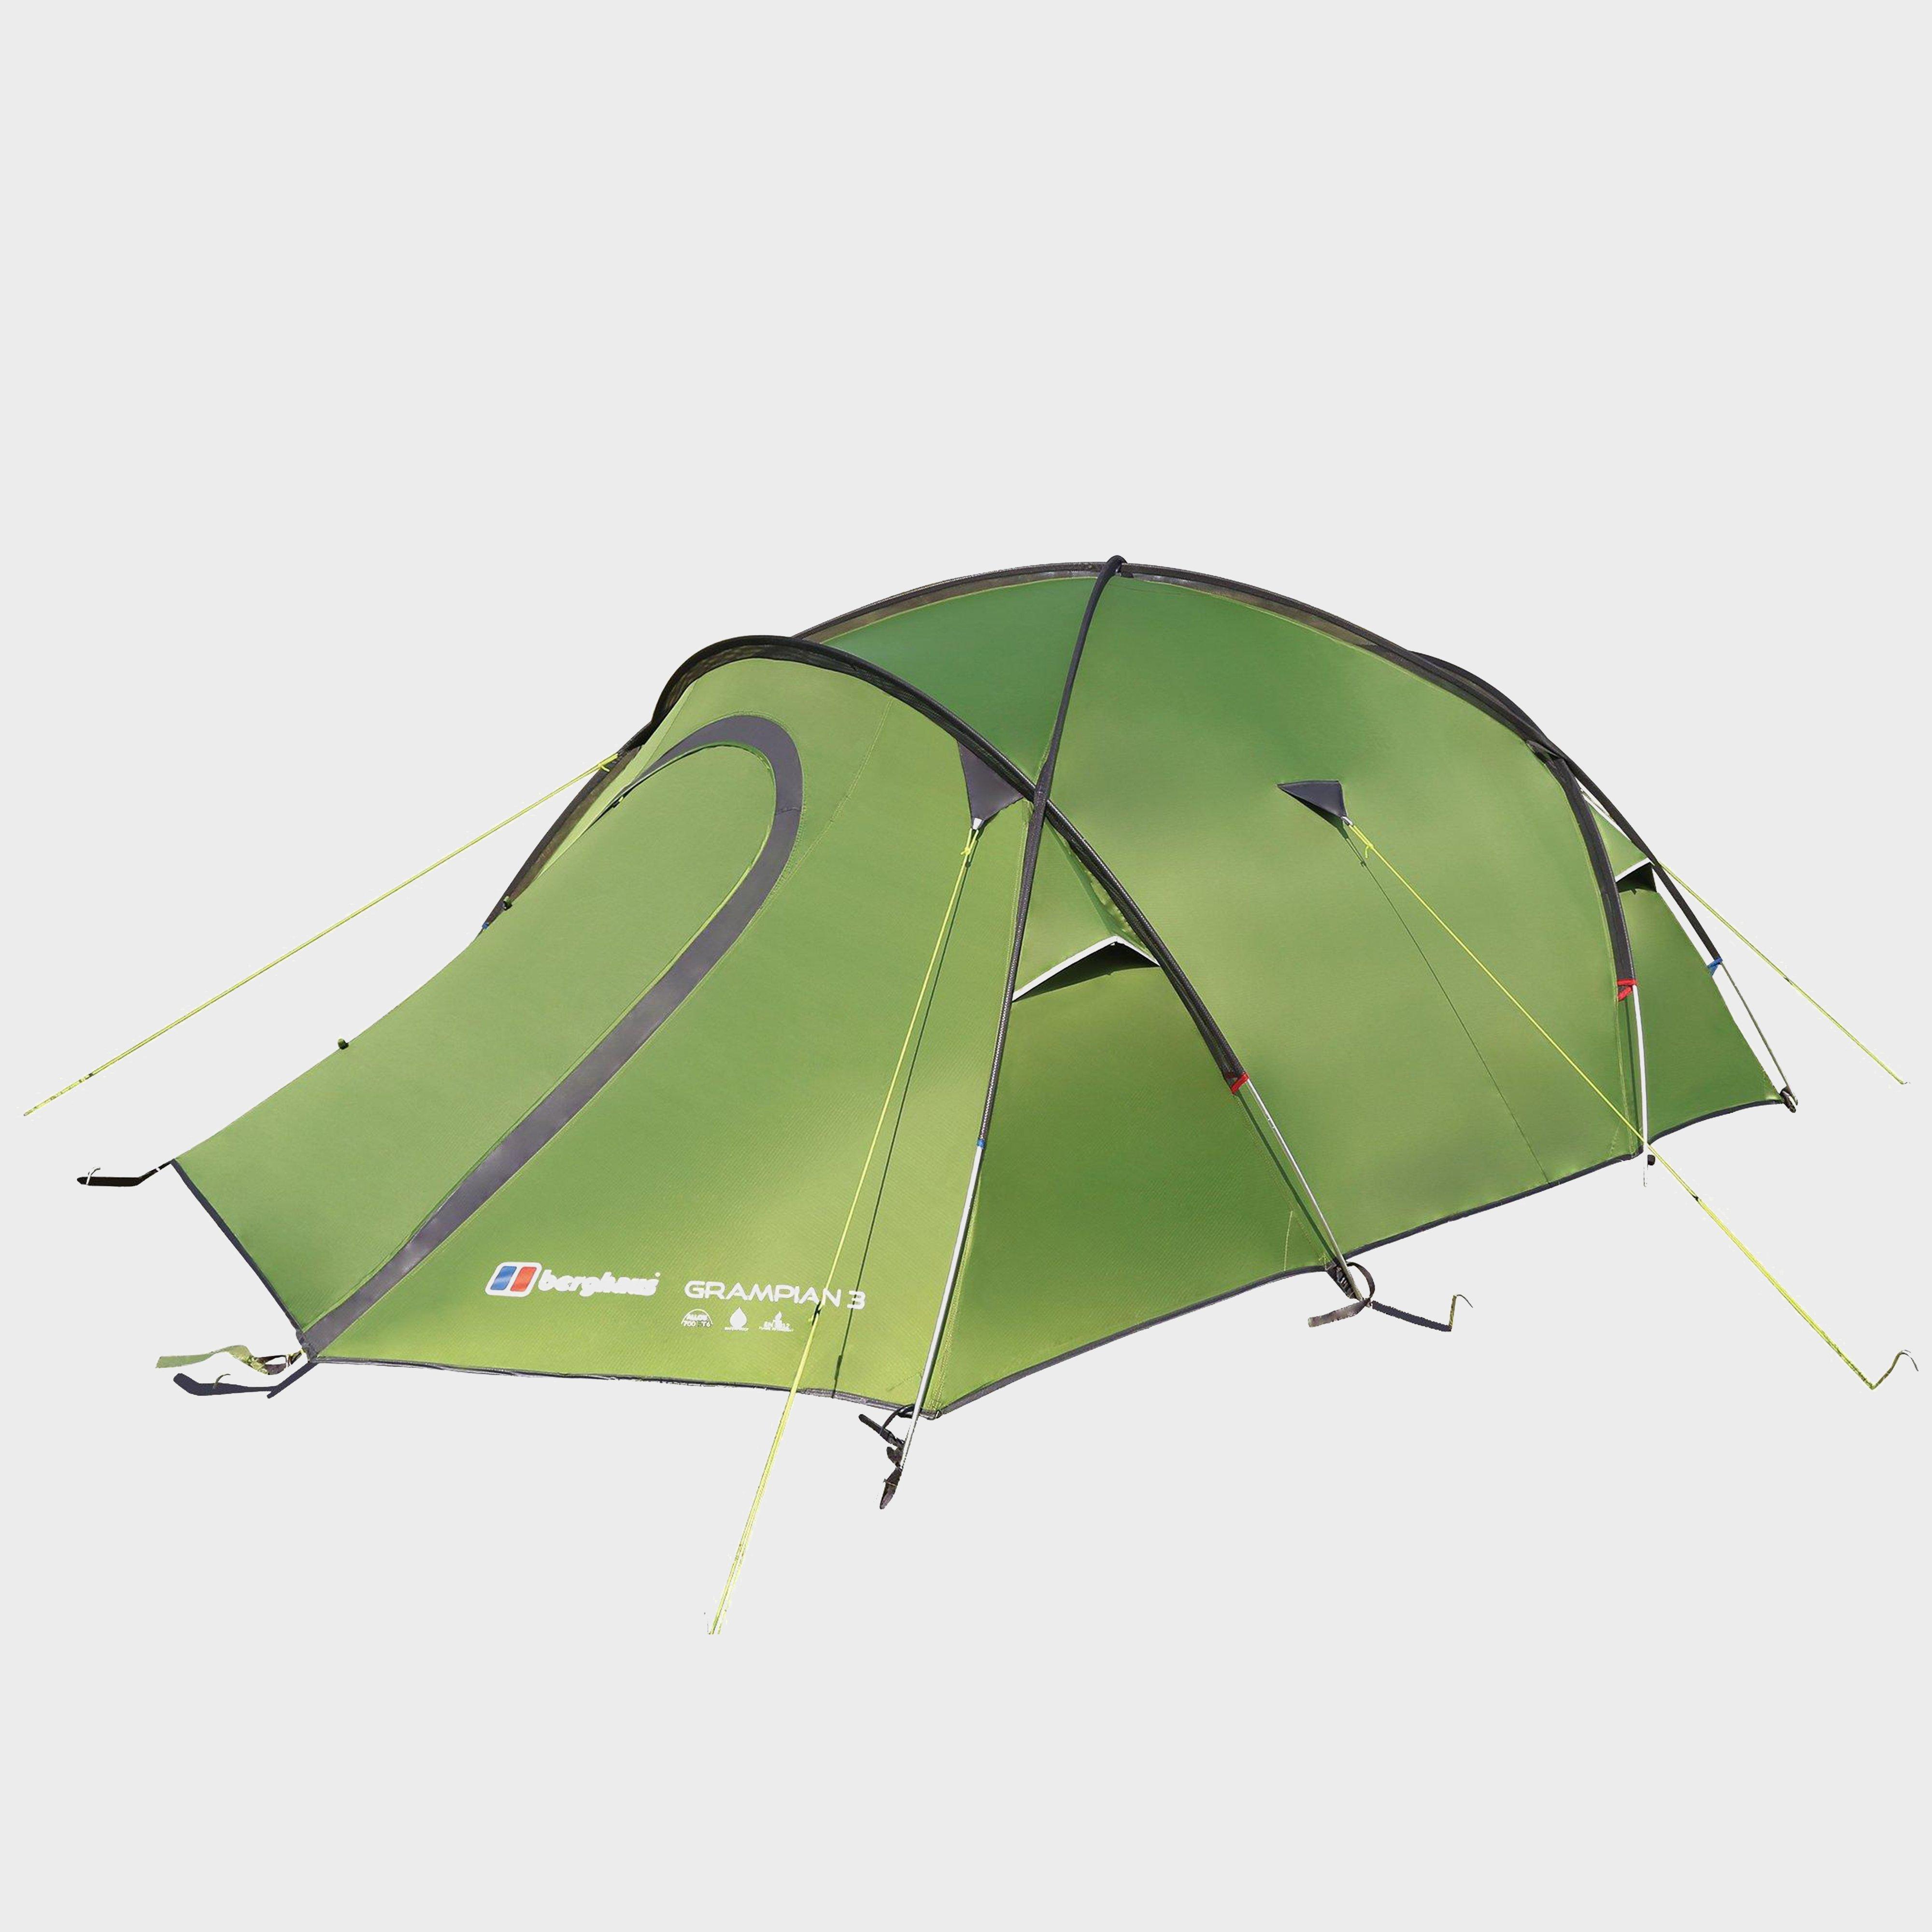 Berghaus Grampian 3 Person Tent, Green